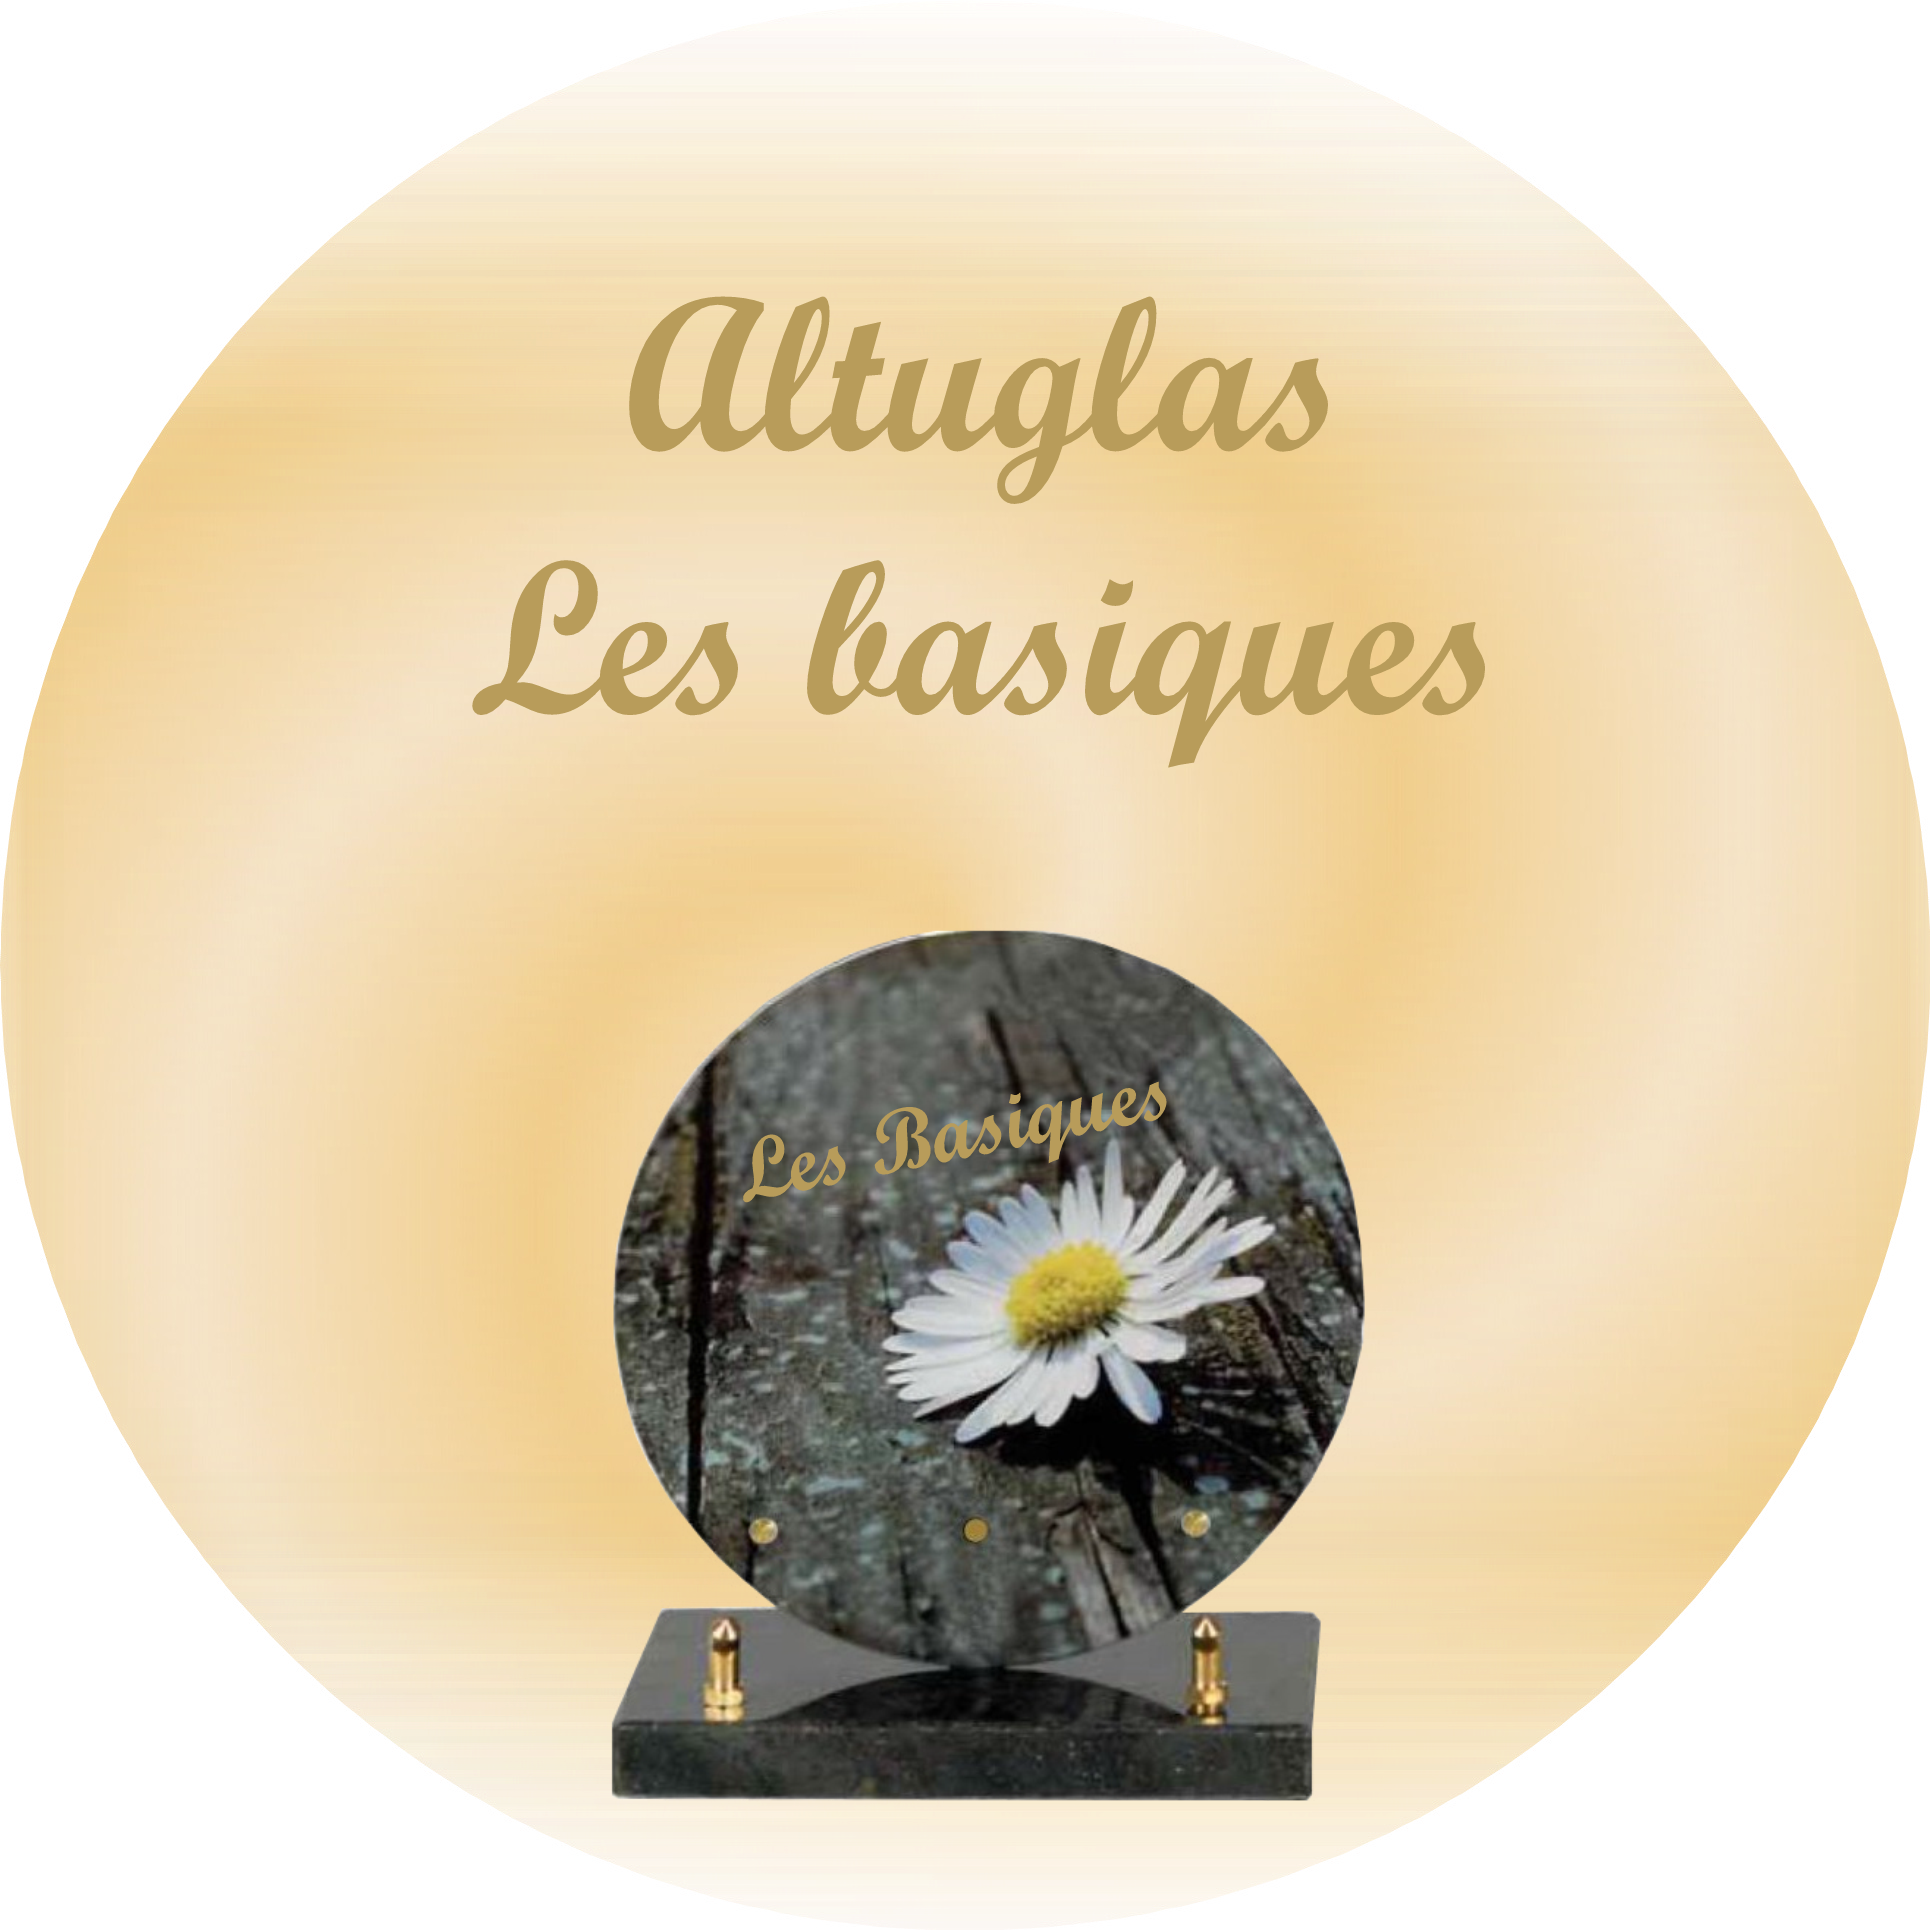 plaques funeraires altuglas basique AMPLIER